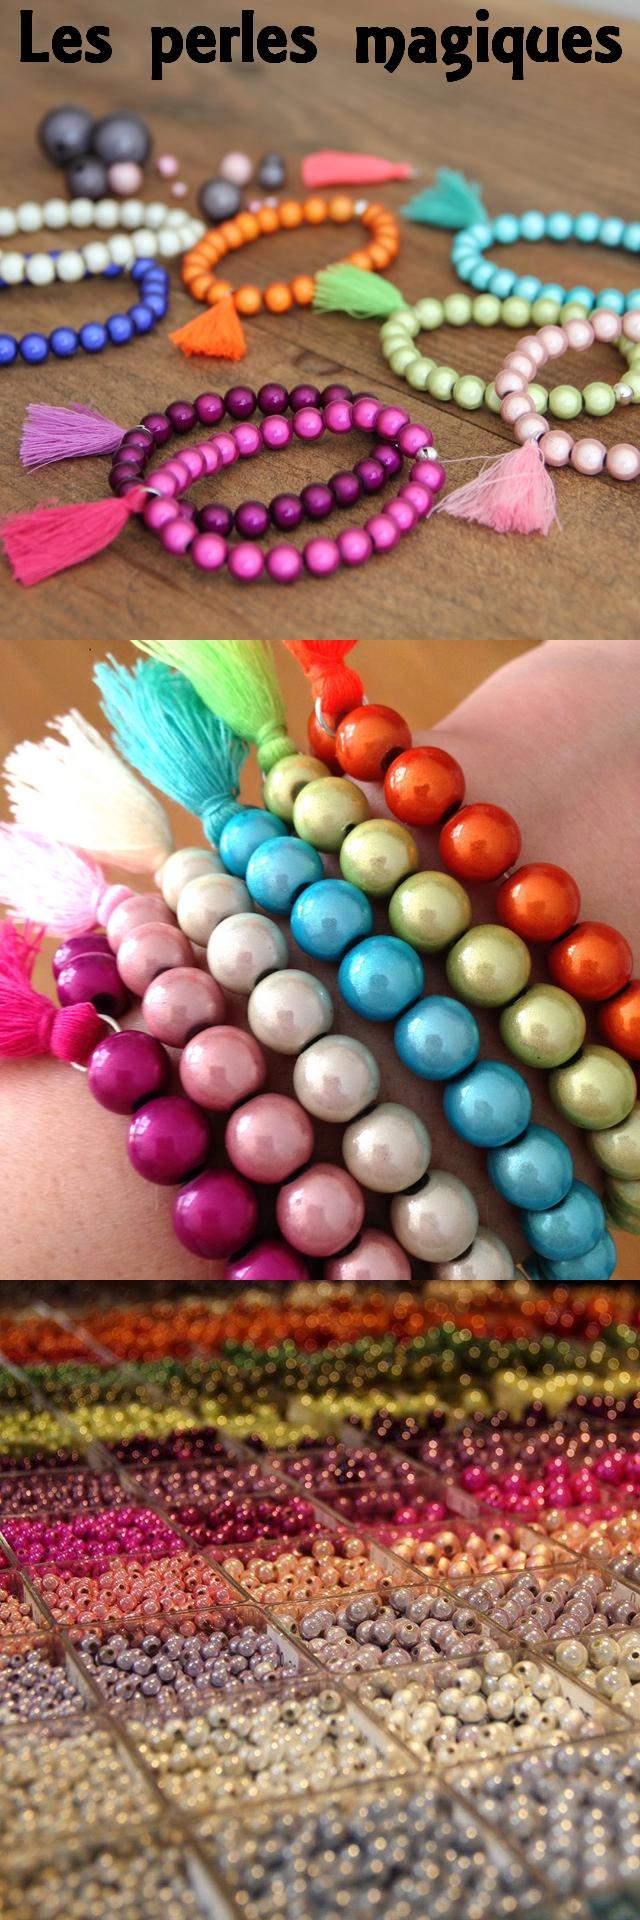 Bijoux en perles magiques - Perlerie Atelier de la création